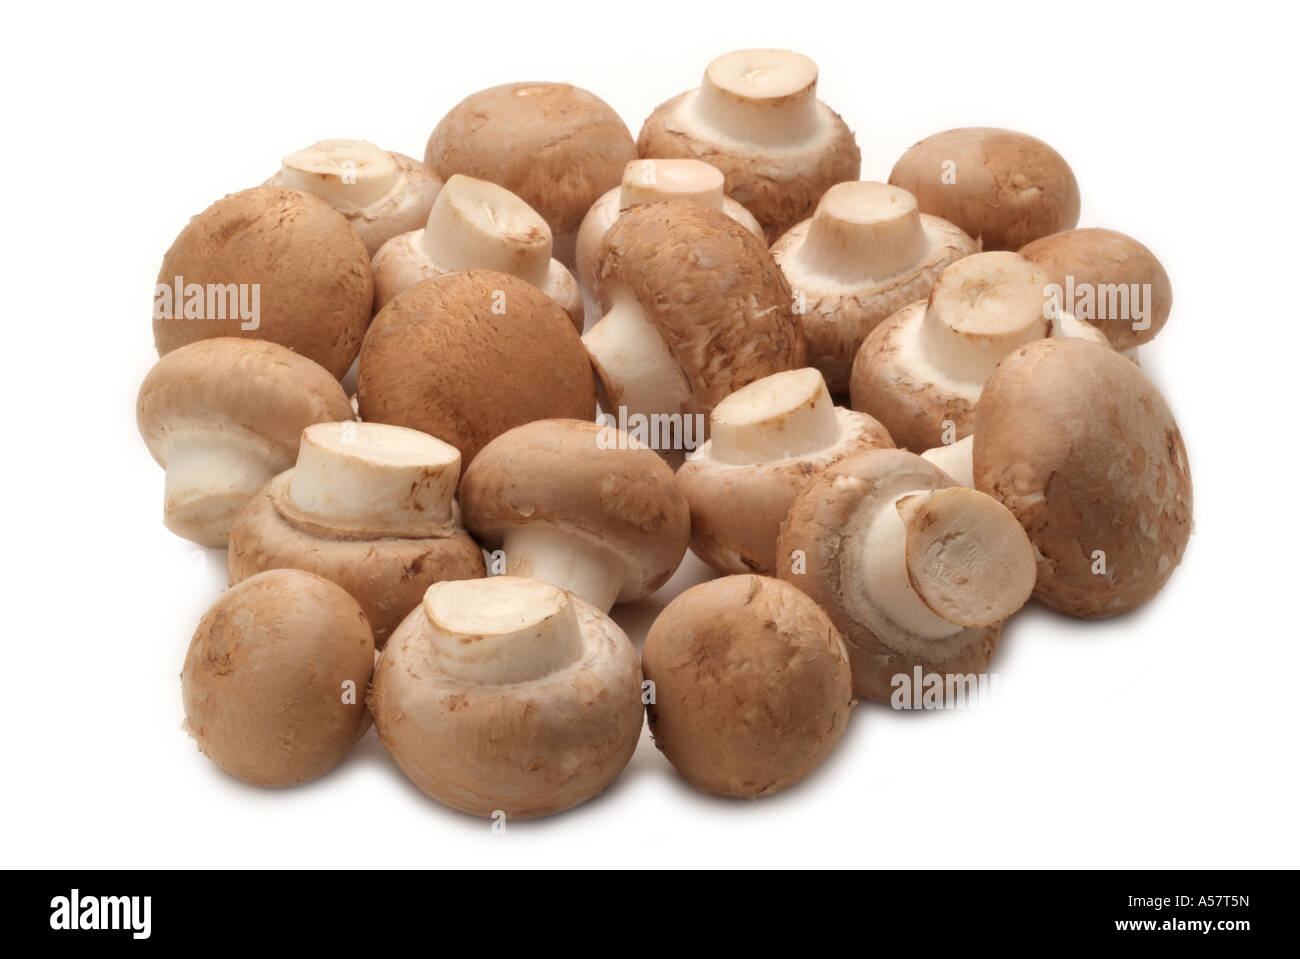 Bouton frais Champignons Champignons de paille marron naturel tout ingrédient de la récolte d'éléments nutritifs Banque D'Images